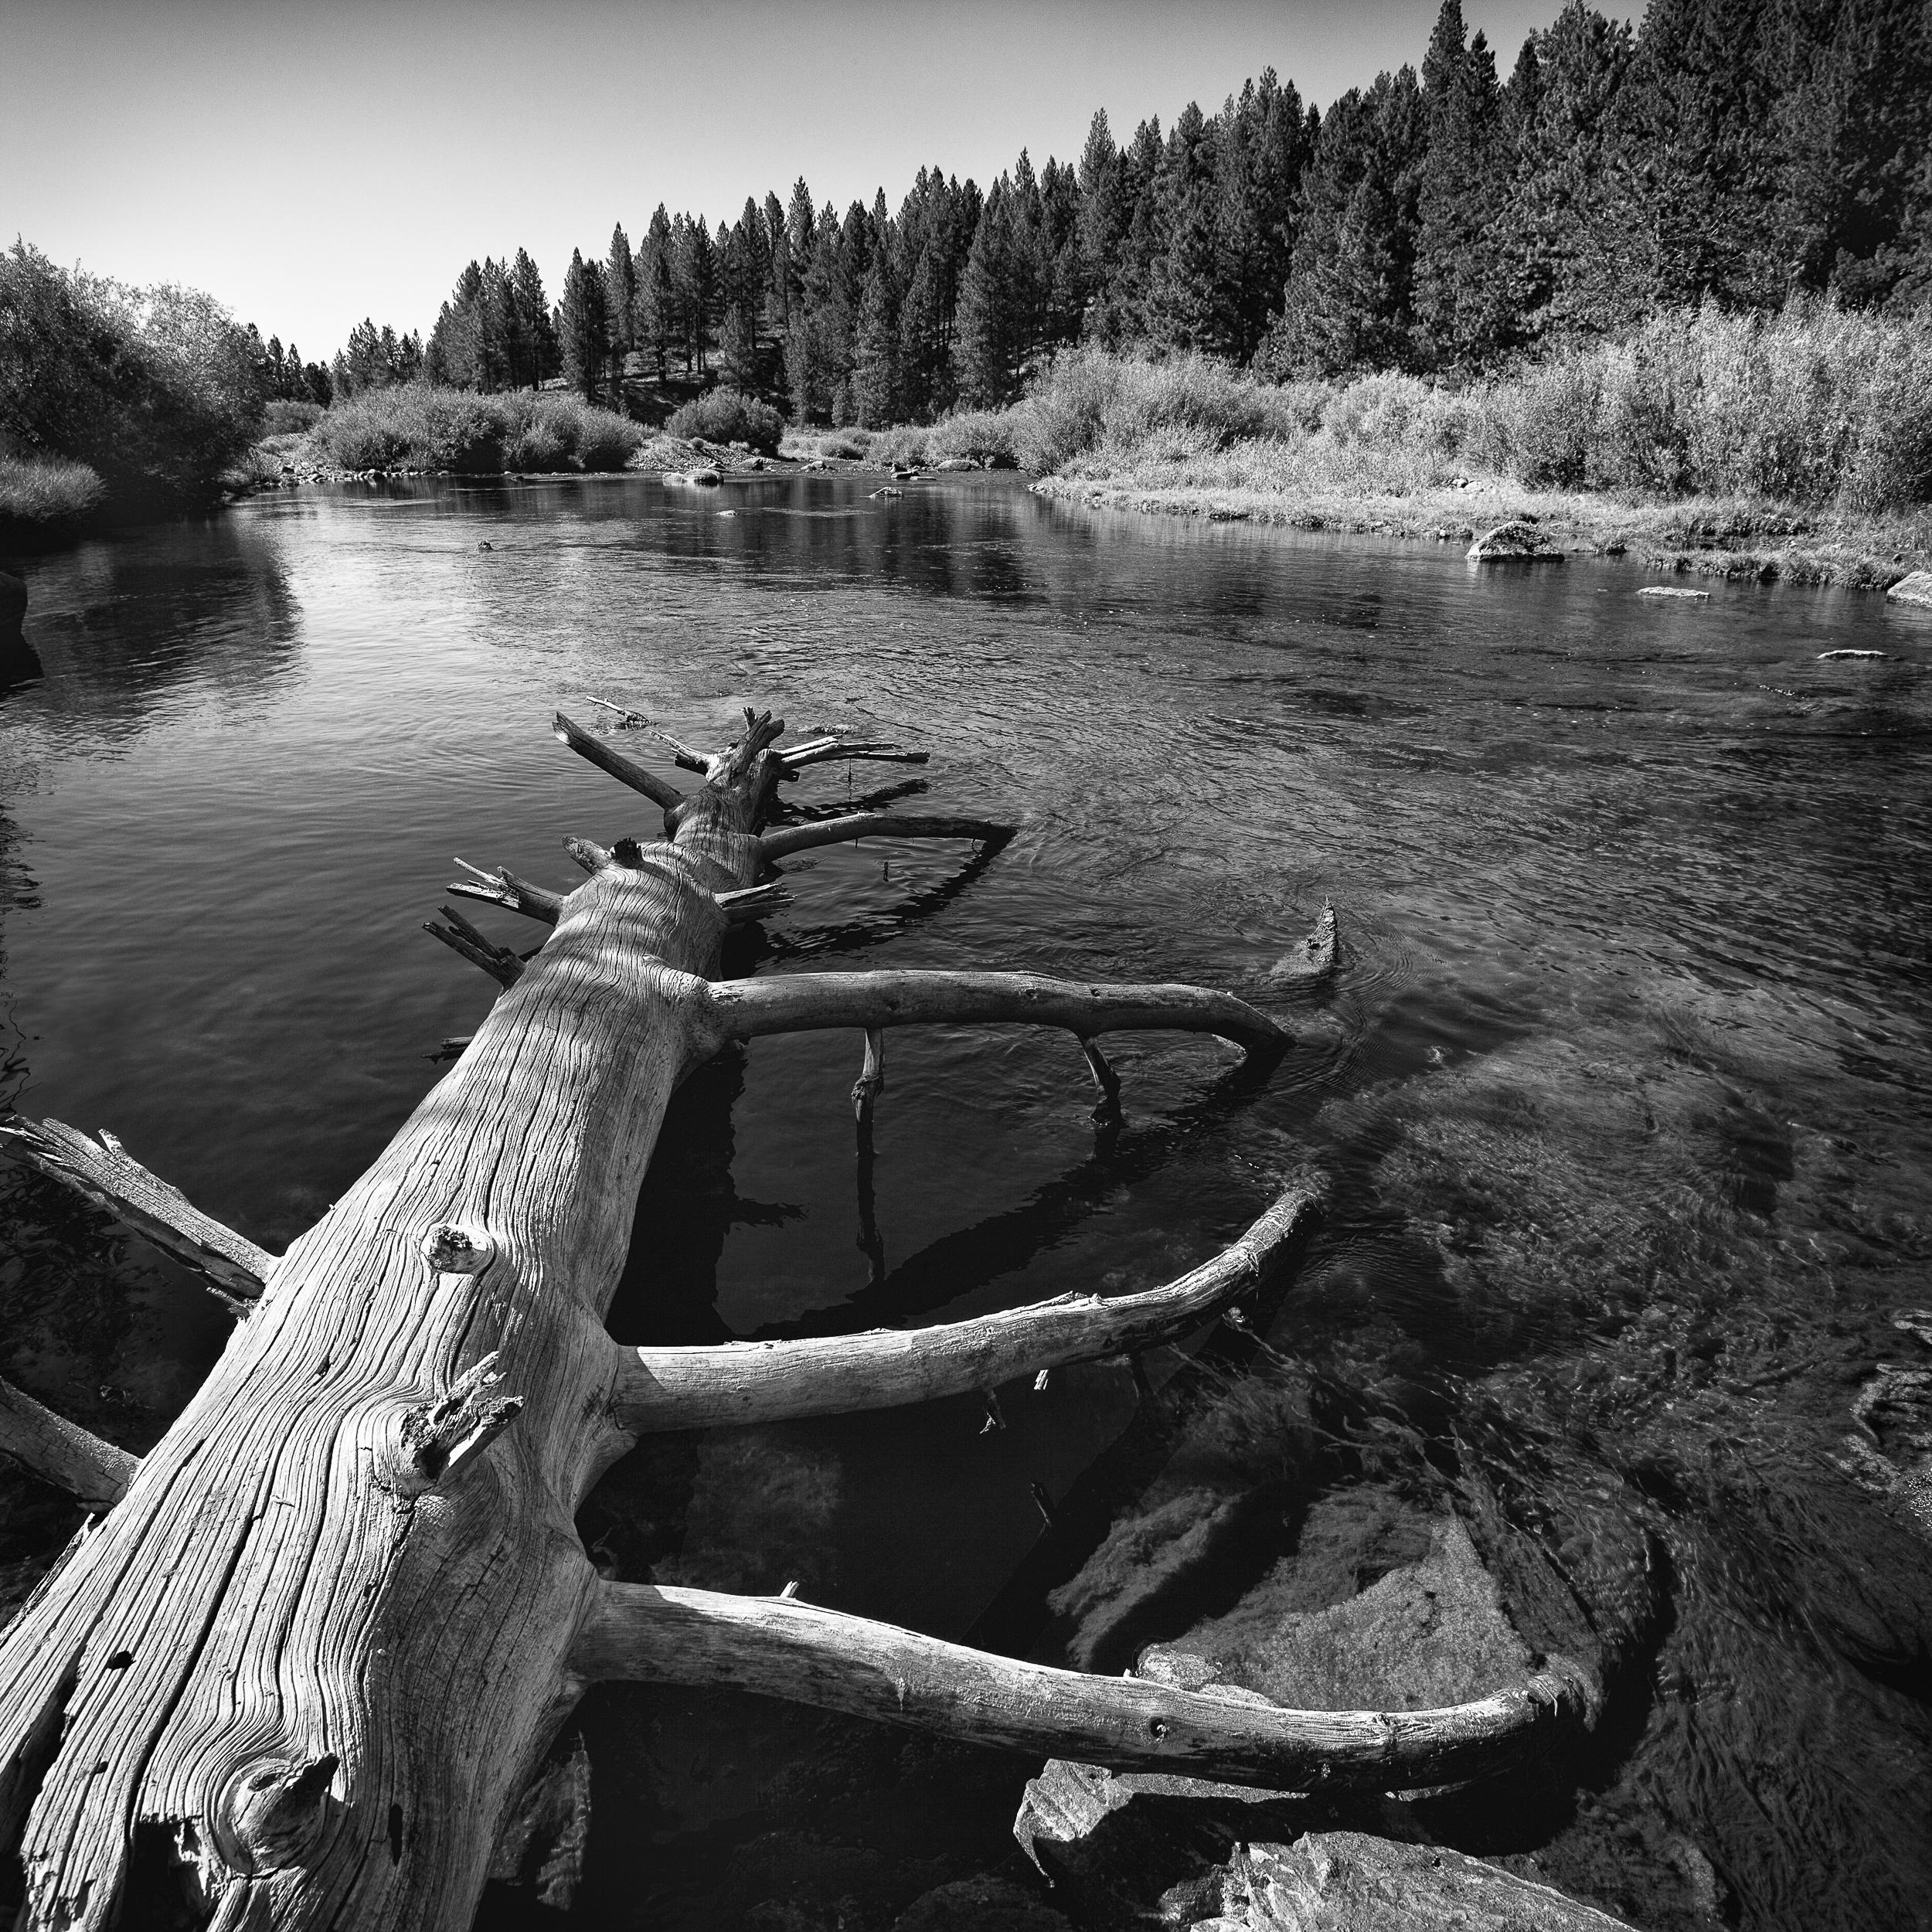 Fallen Timber, Little Truckee River